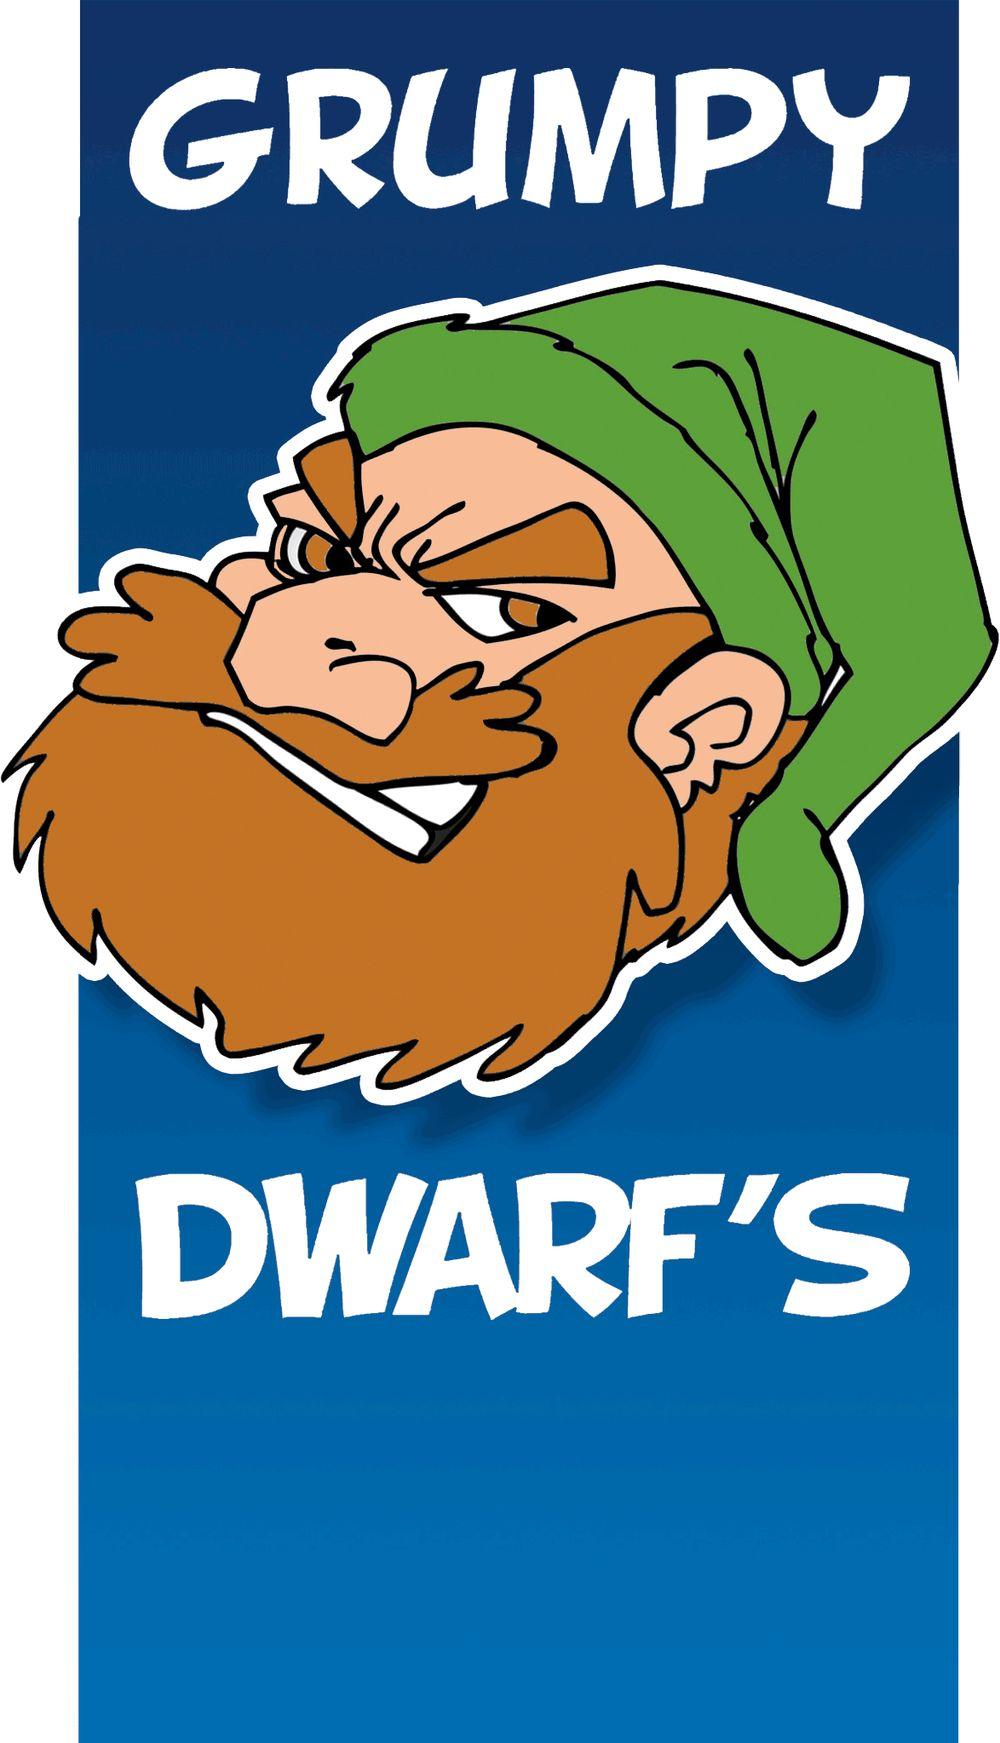 Grumpy Dwarf&#39s, le logo